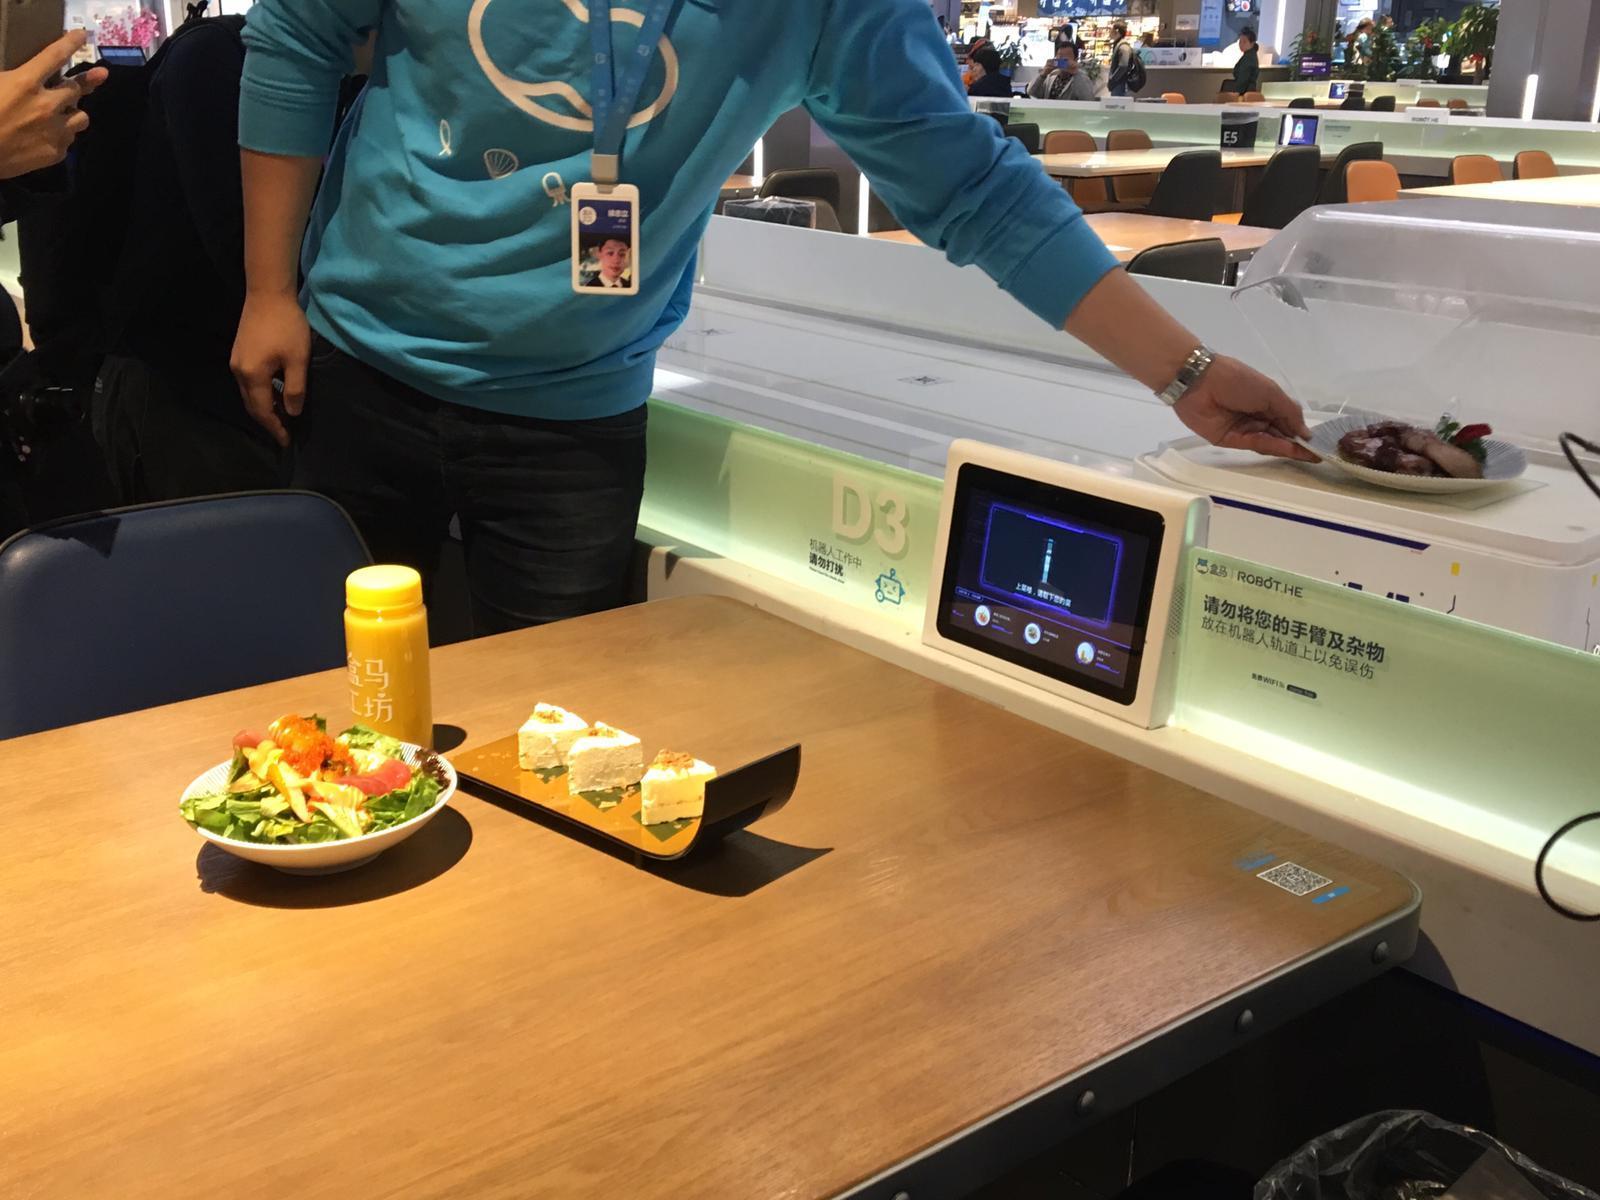 工作人員示範拿取機械人送達的食物。(蕭嘉聰攝)